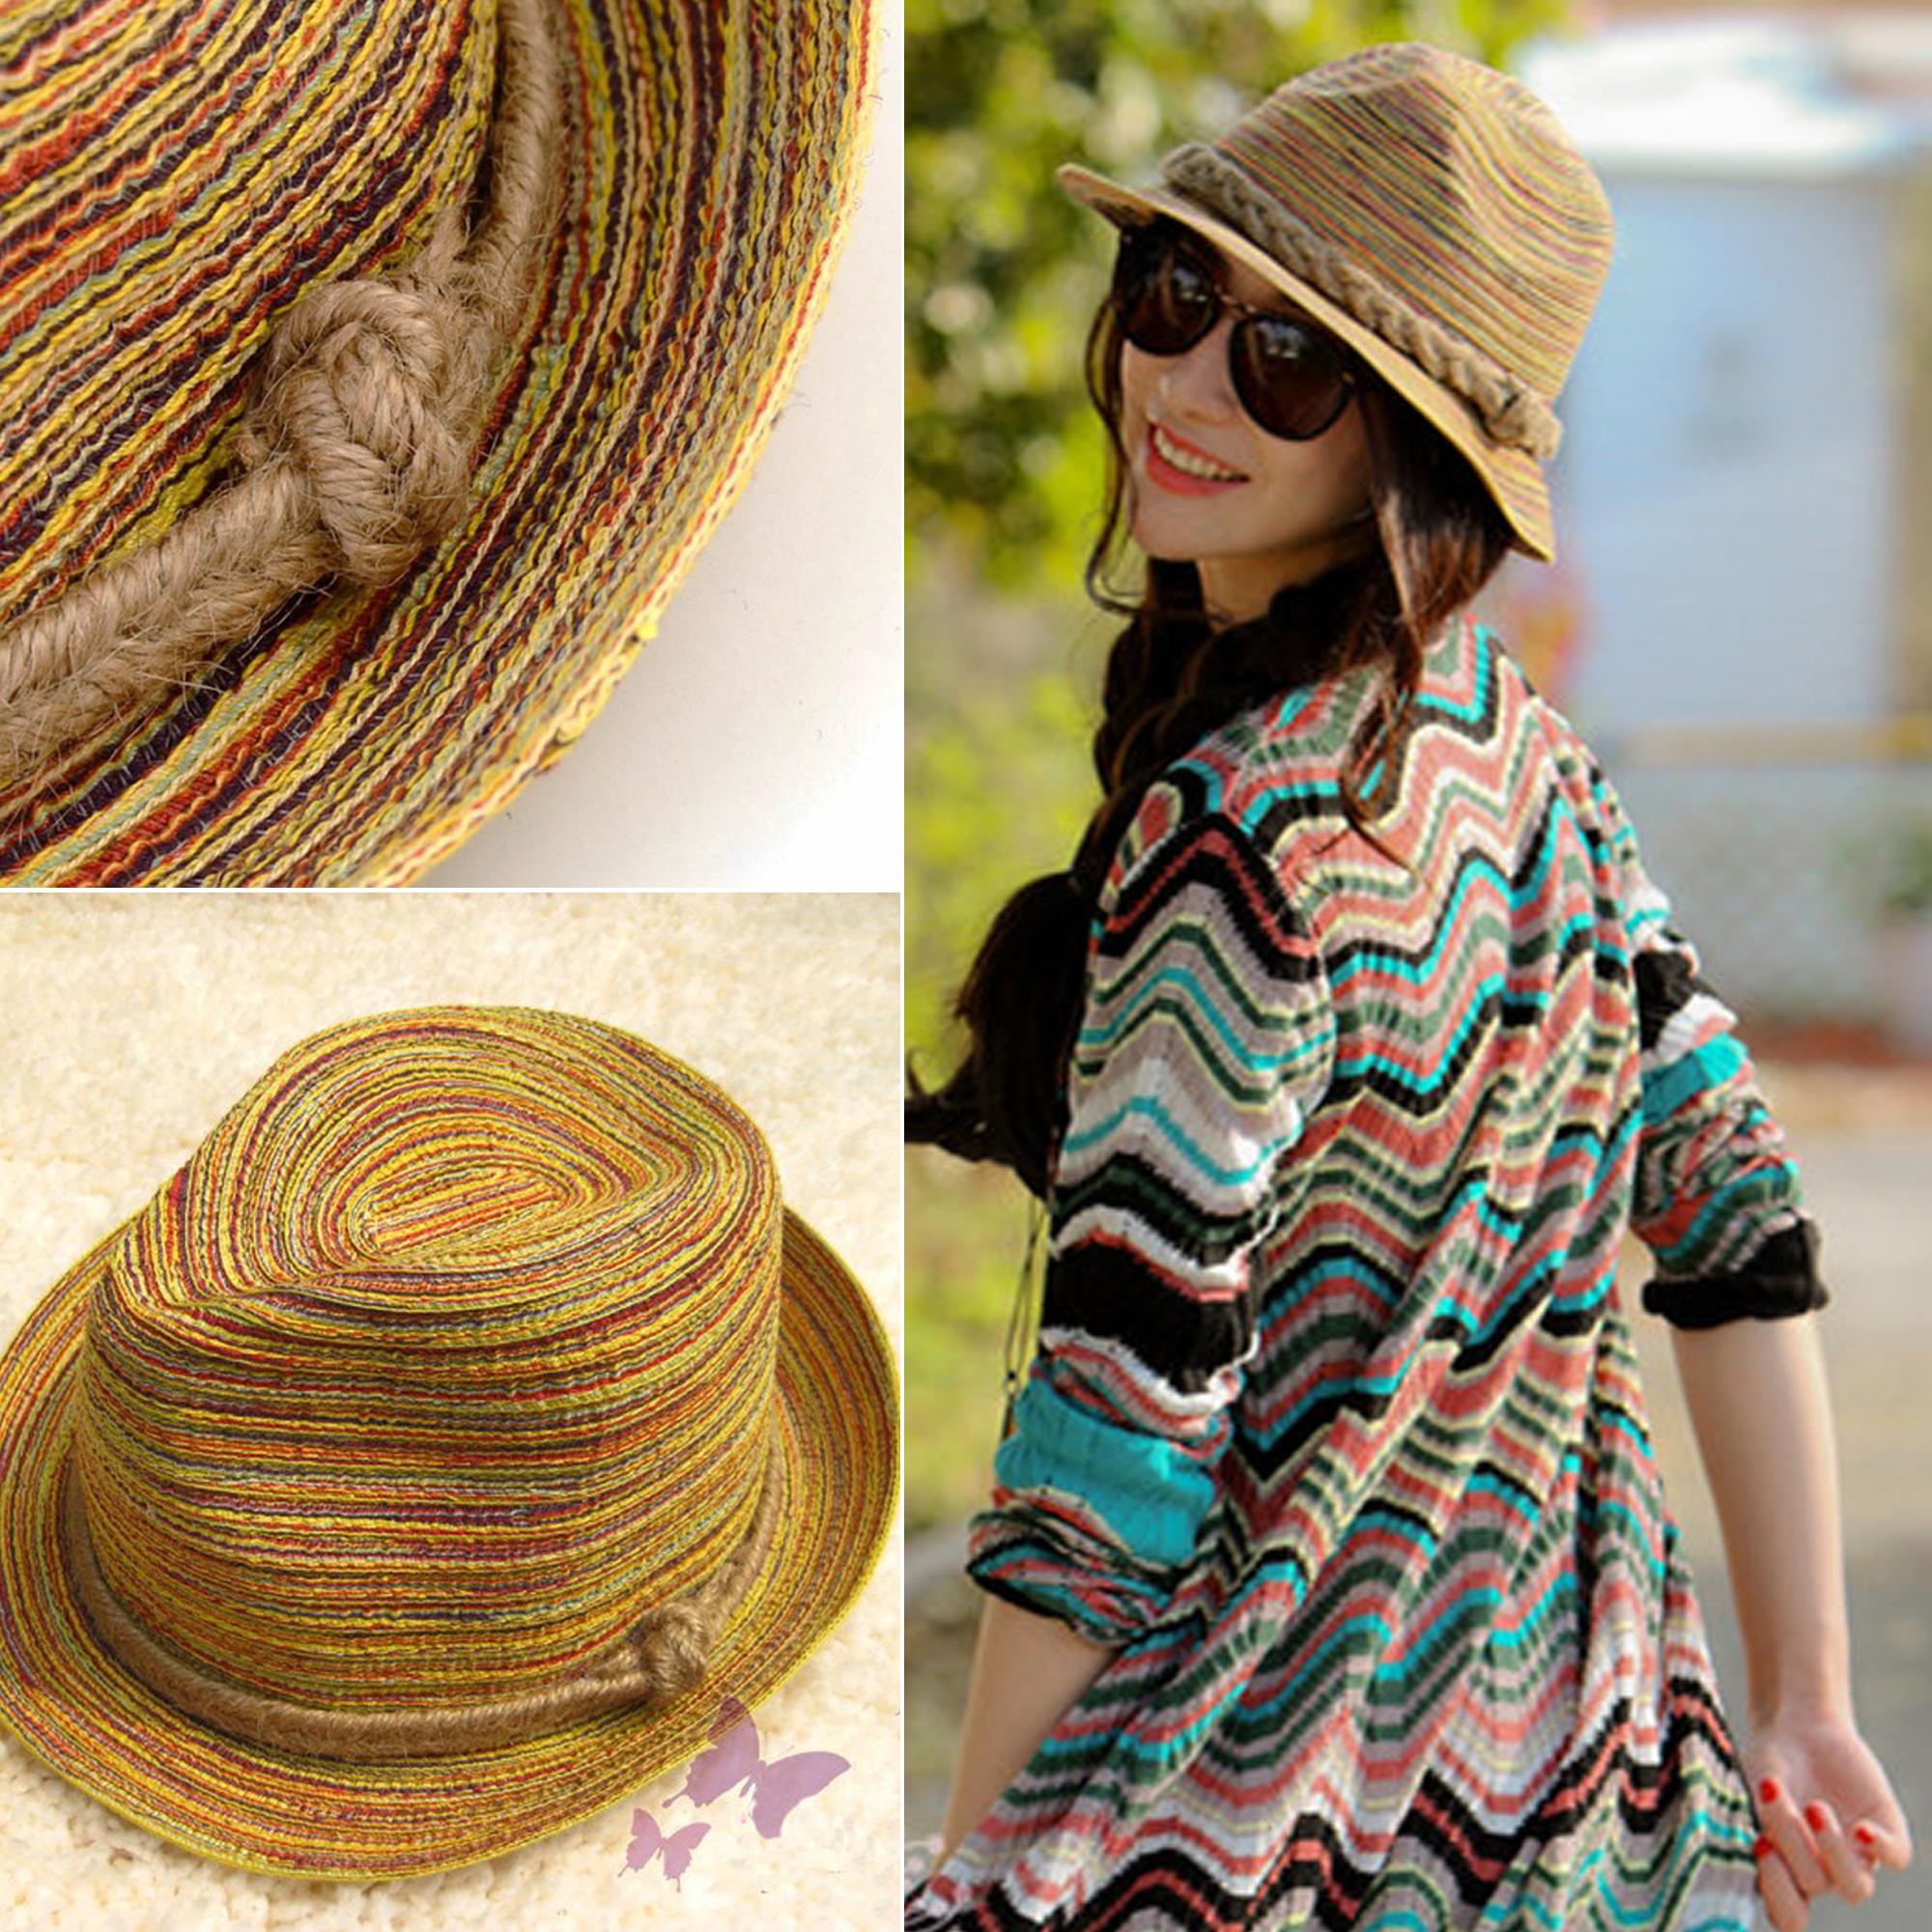 Женская фетровая шляпа Brand new Chapeu Feminino H3137 женская фетровая шляпа brand new 2015 fedora cloche hat cap 6 bm890